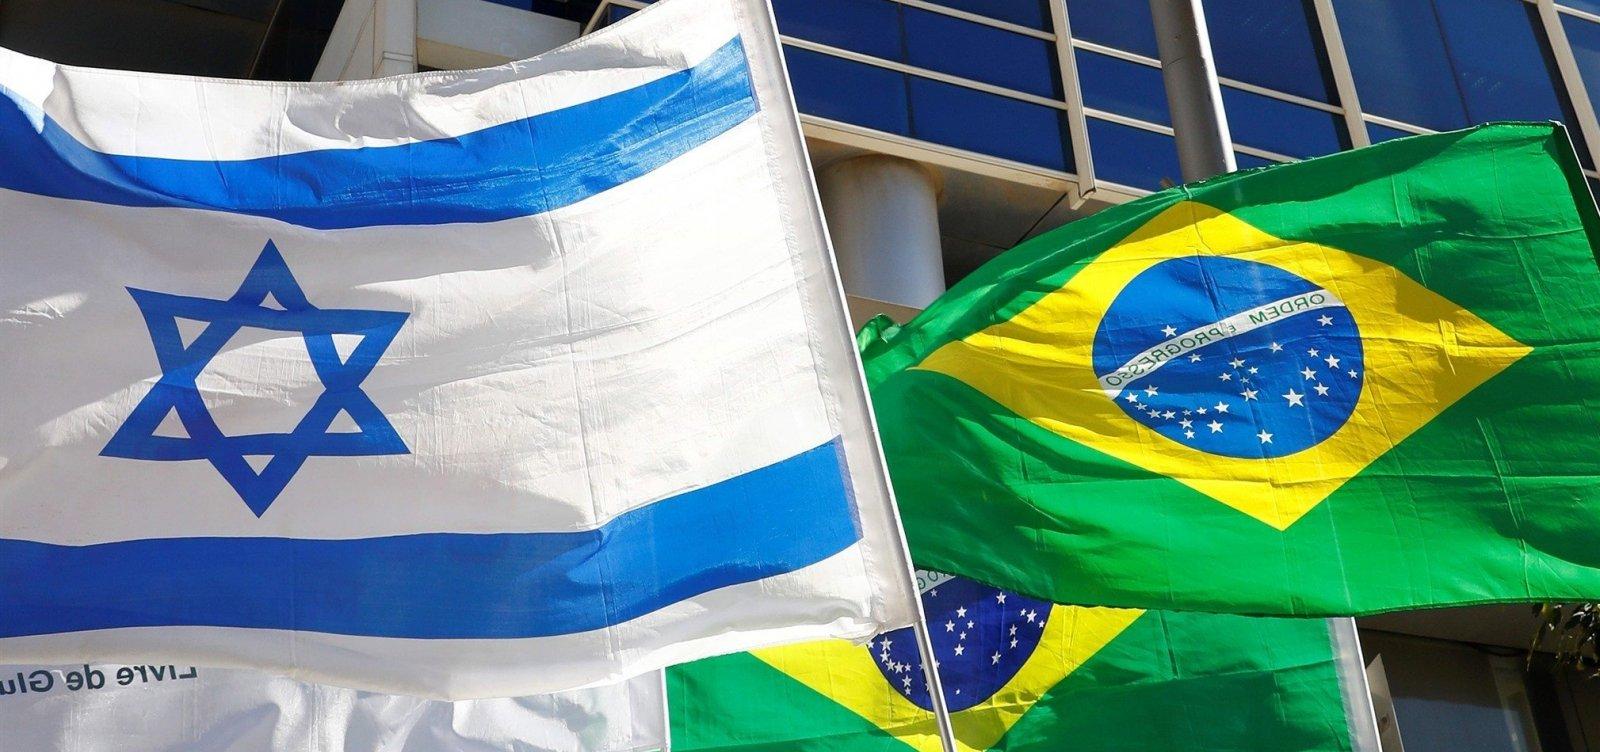 [Egito cancela visita de comitiva brasileira após declarações de Bolsonaro]